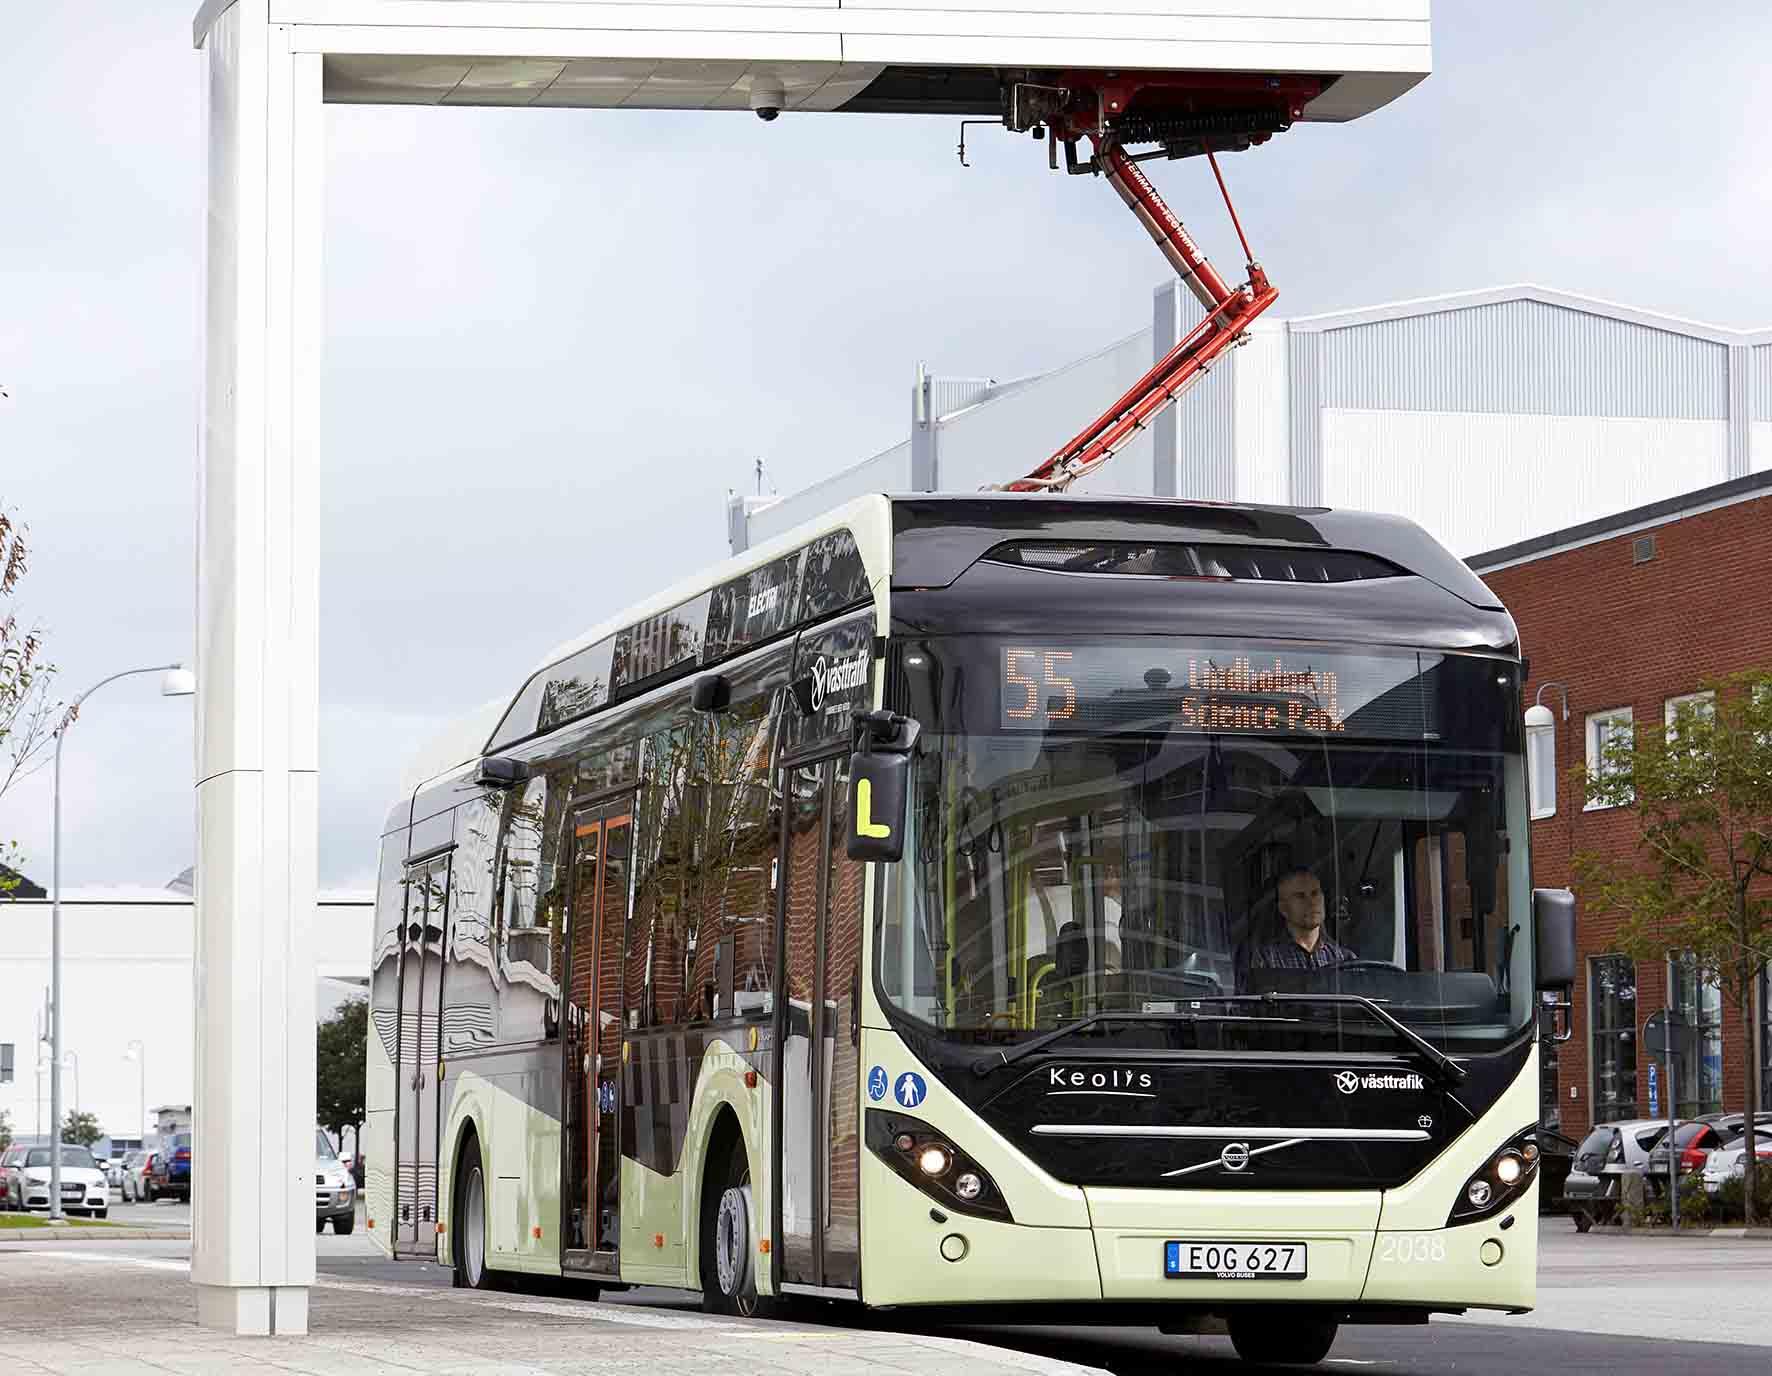 studentrabatt tromsø buss